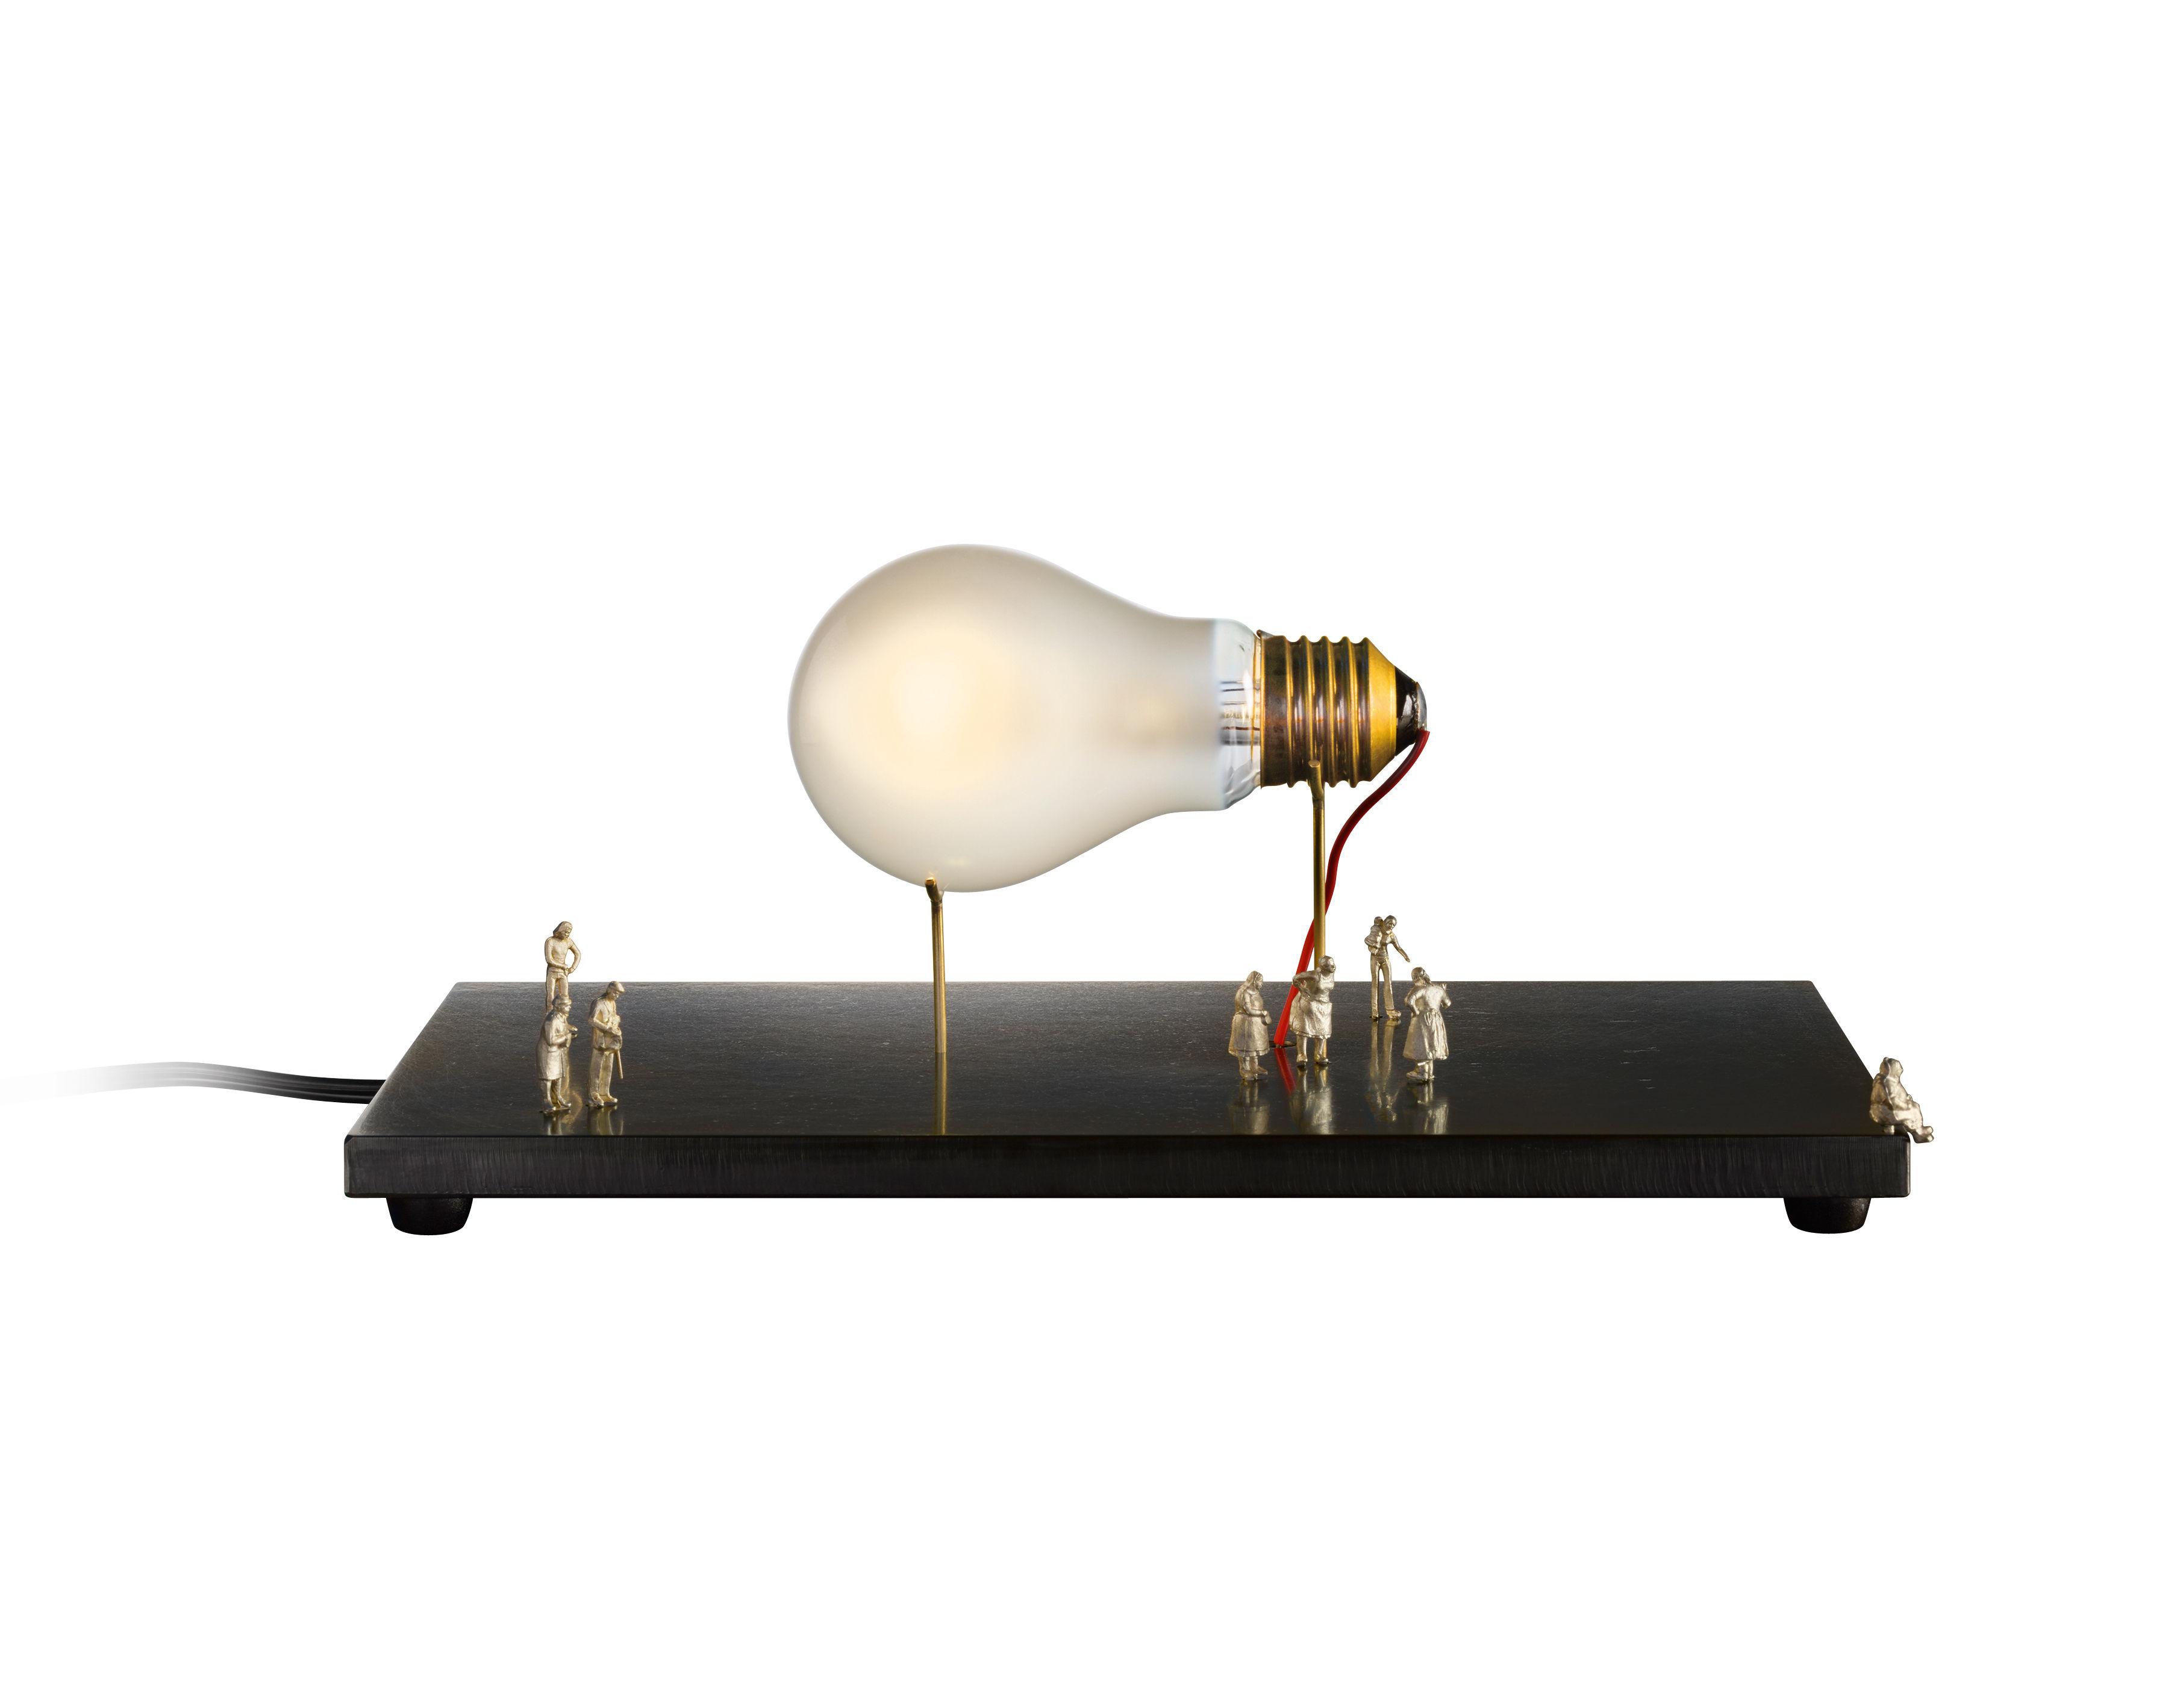 Illuminazione - Lampade da tavolo - Lampada da tavolo I Ricchi Poveri - Monument for a bulb - Ingo Maurer - Nero / Personaggi metallo - Metallo